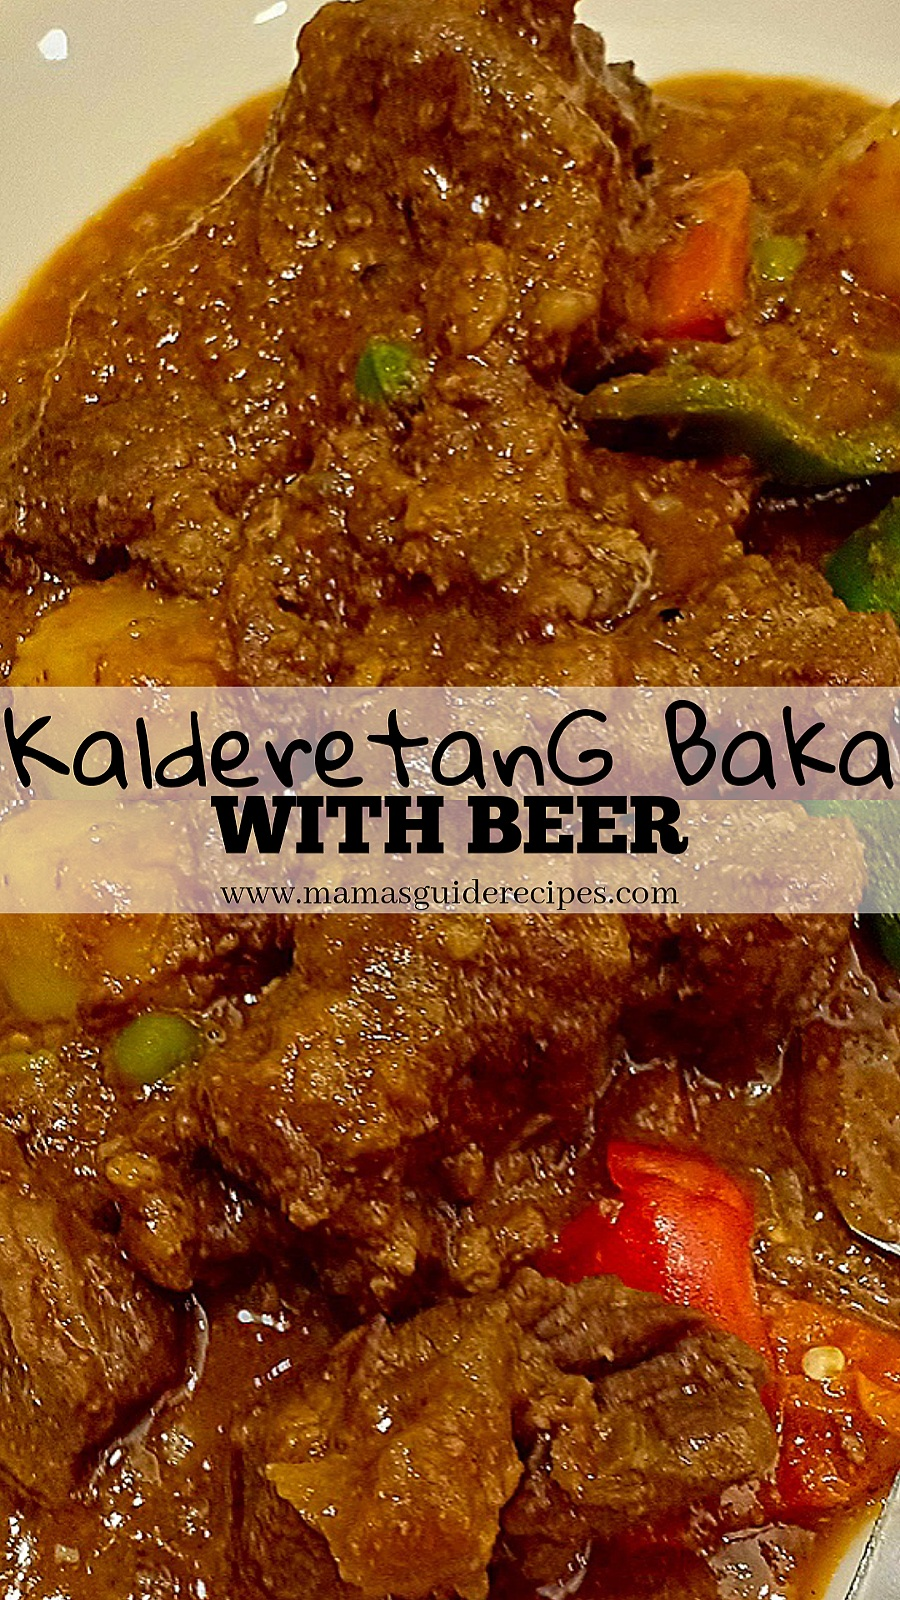 Kalderatang Baka with Beer